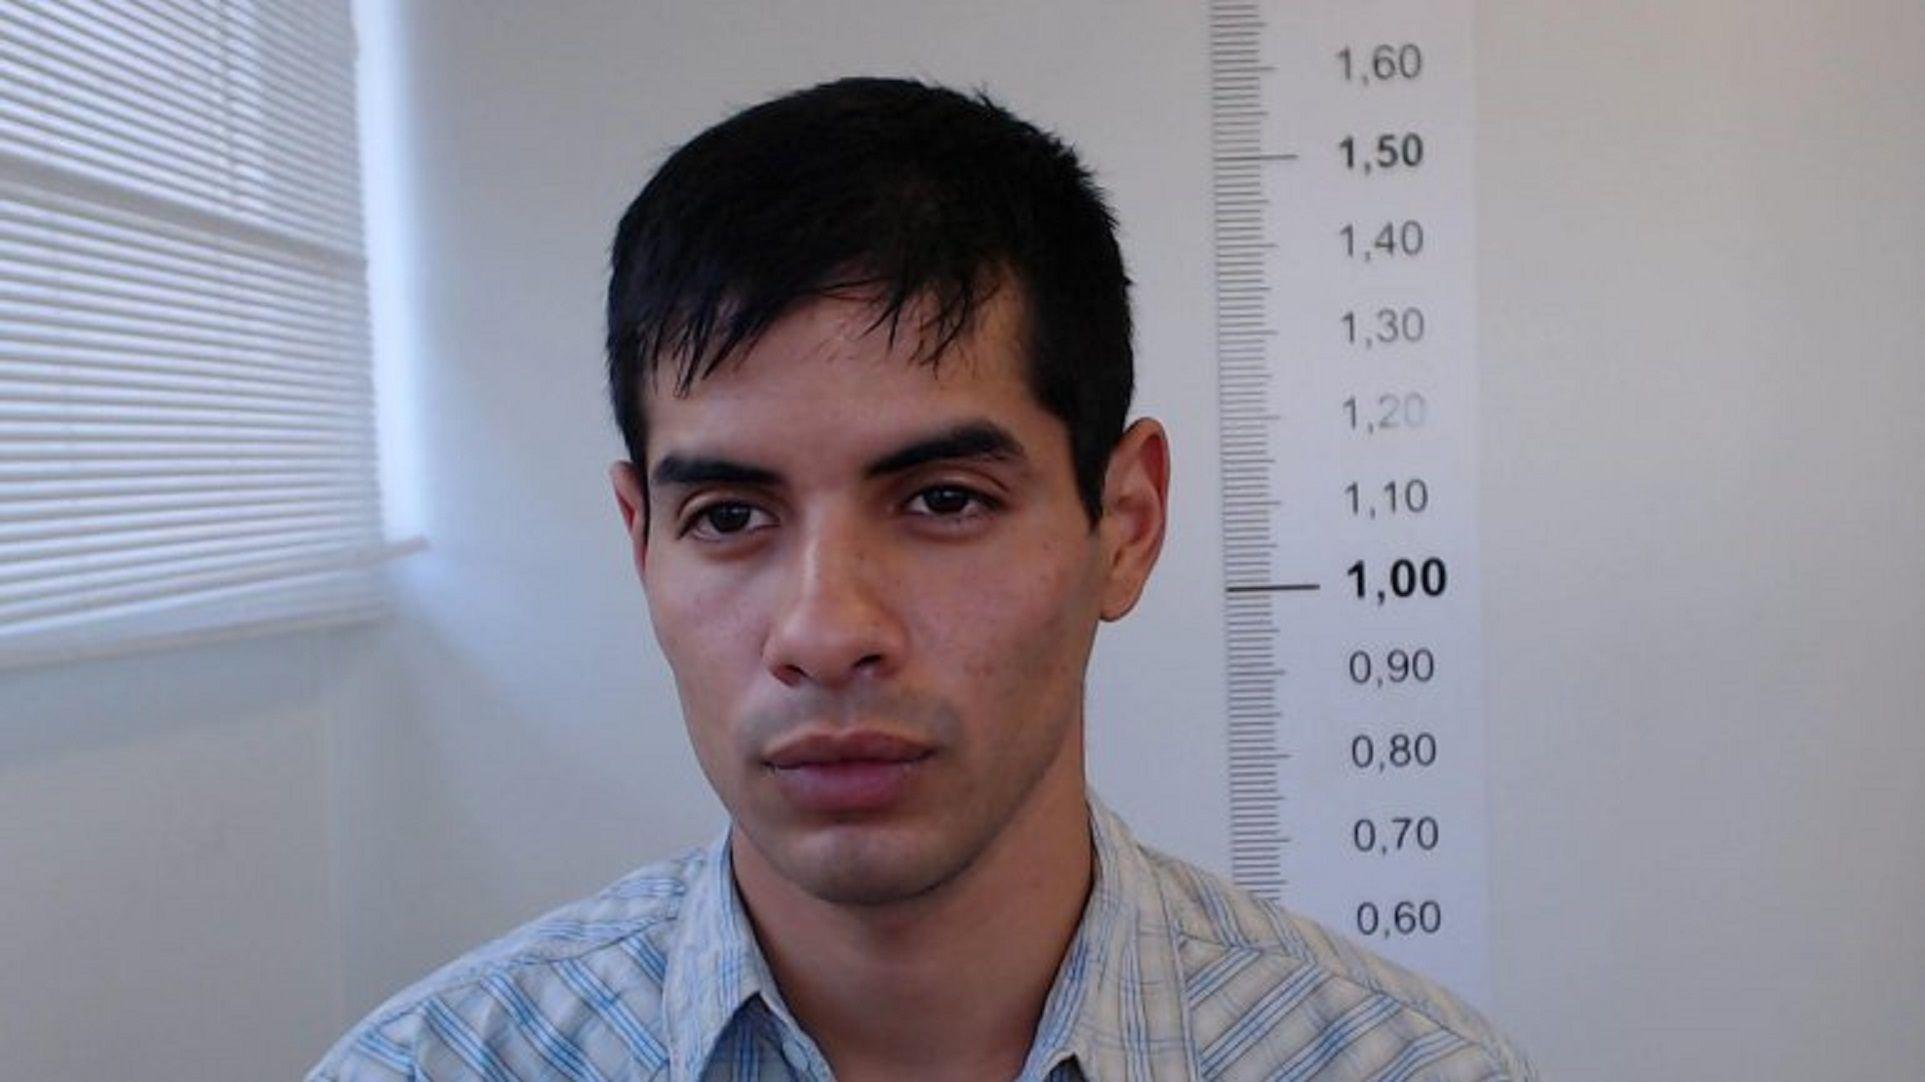 Francisco Yamir Jaguer